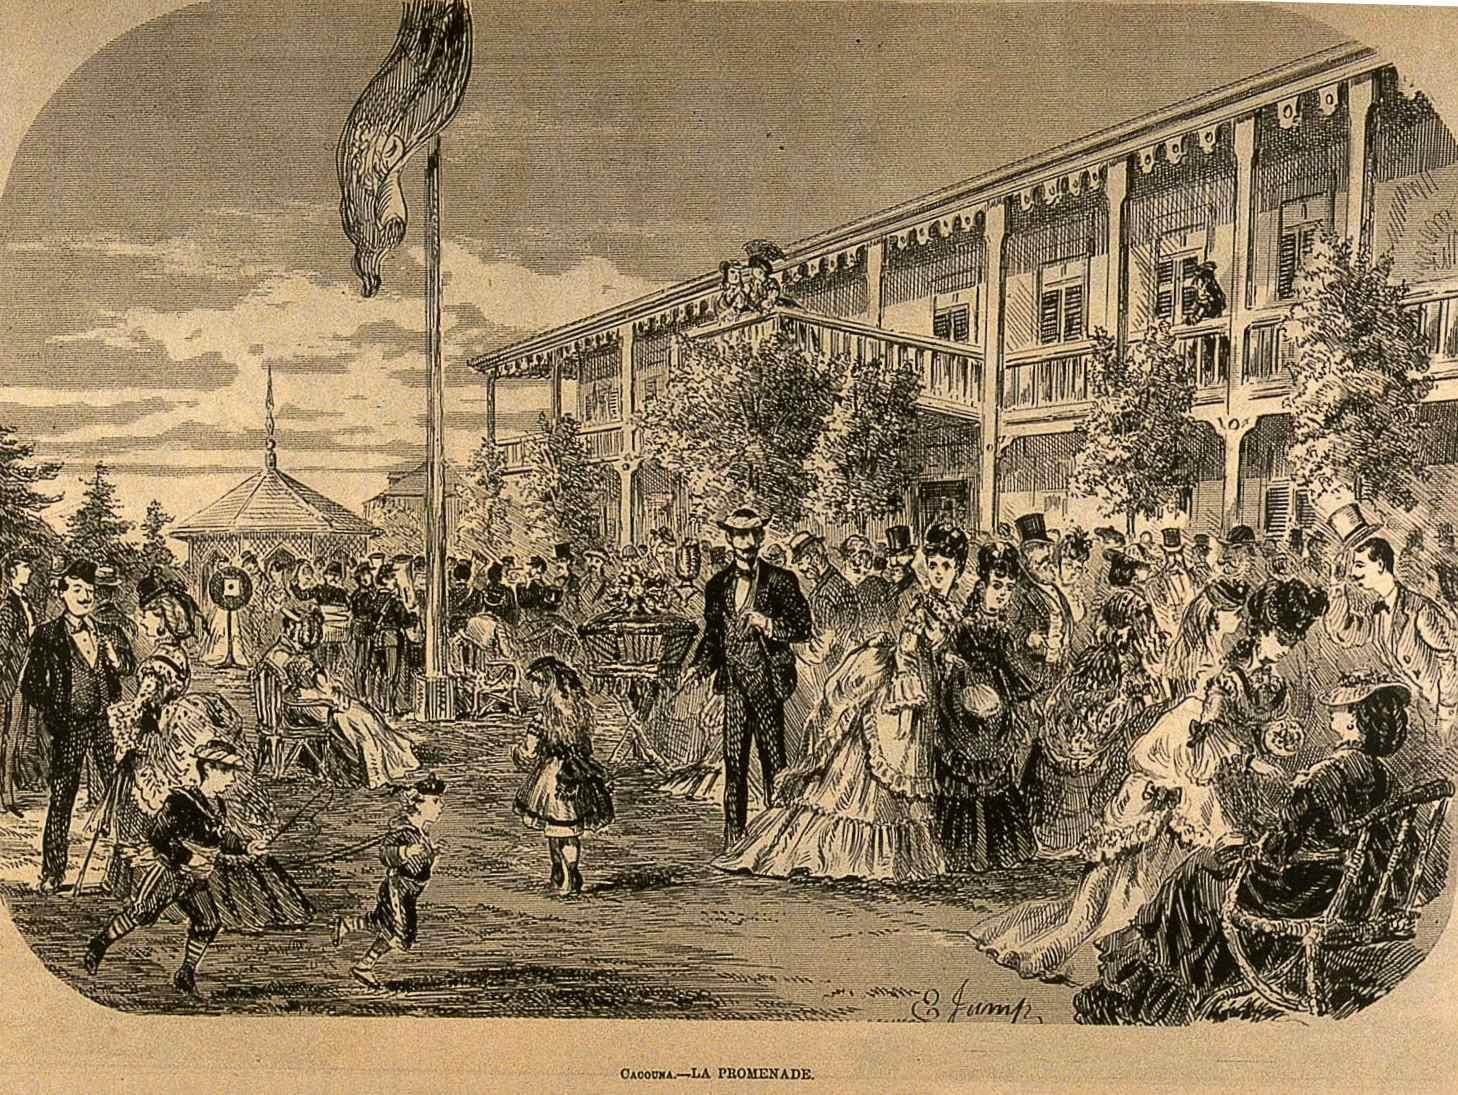 De nombreux clients heureux déambulent devant un hôtel.